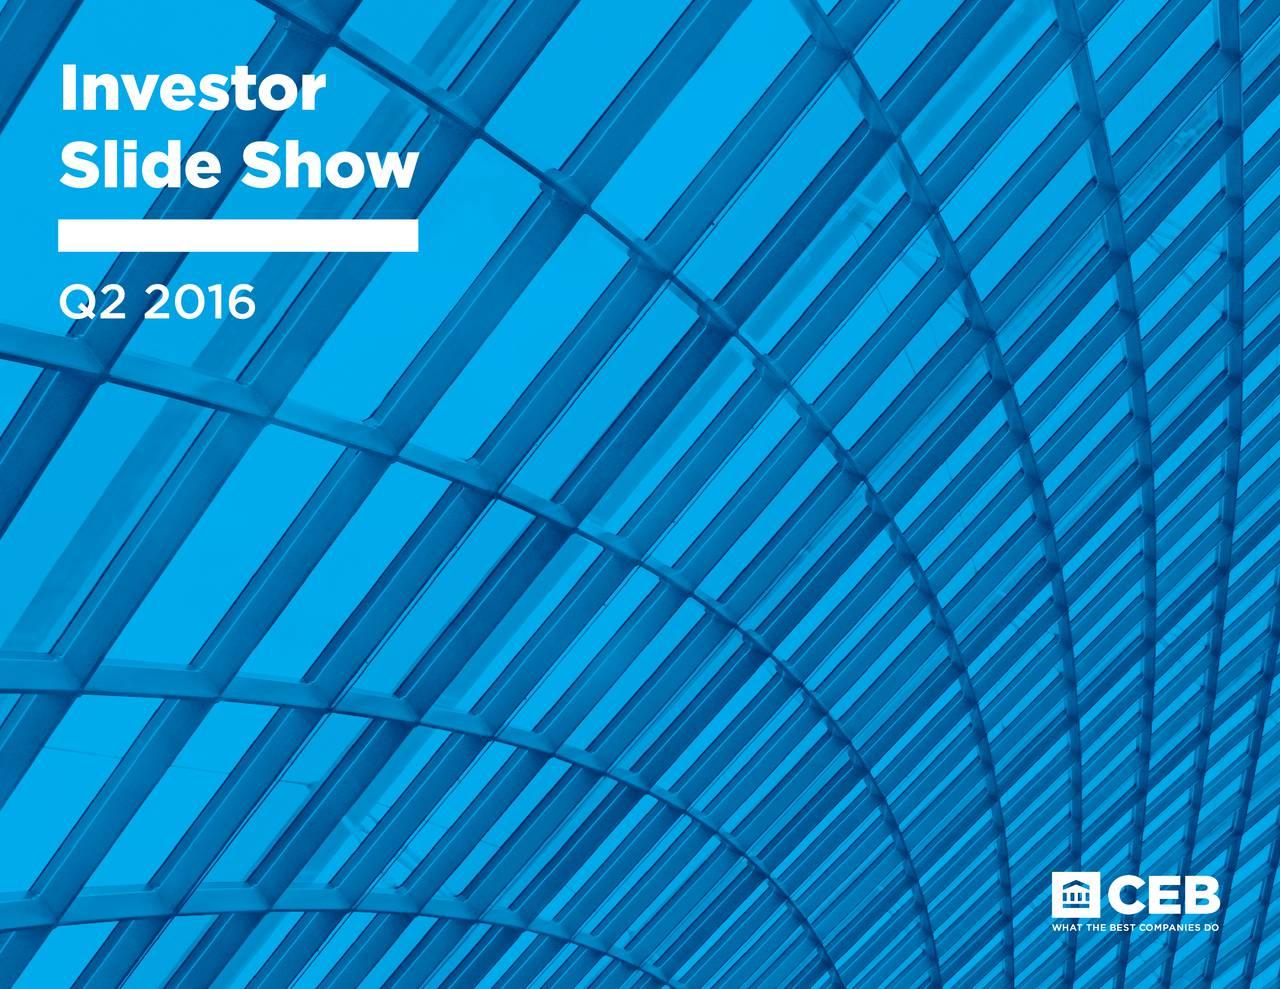 Slide Show Q2 2016